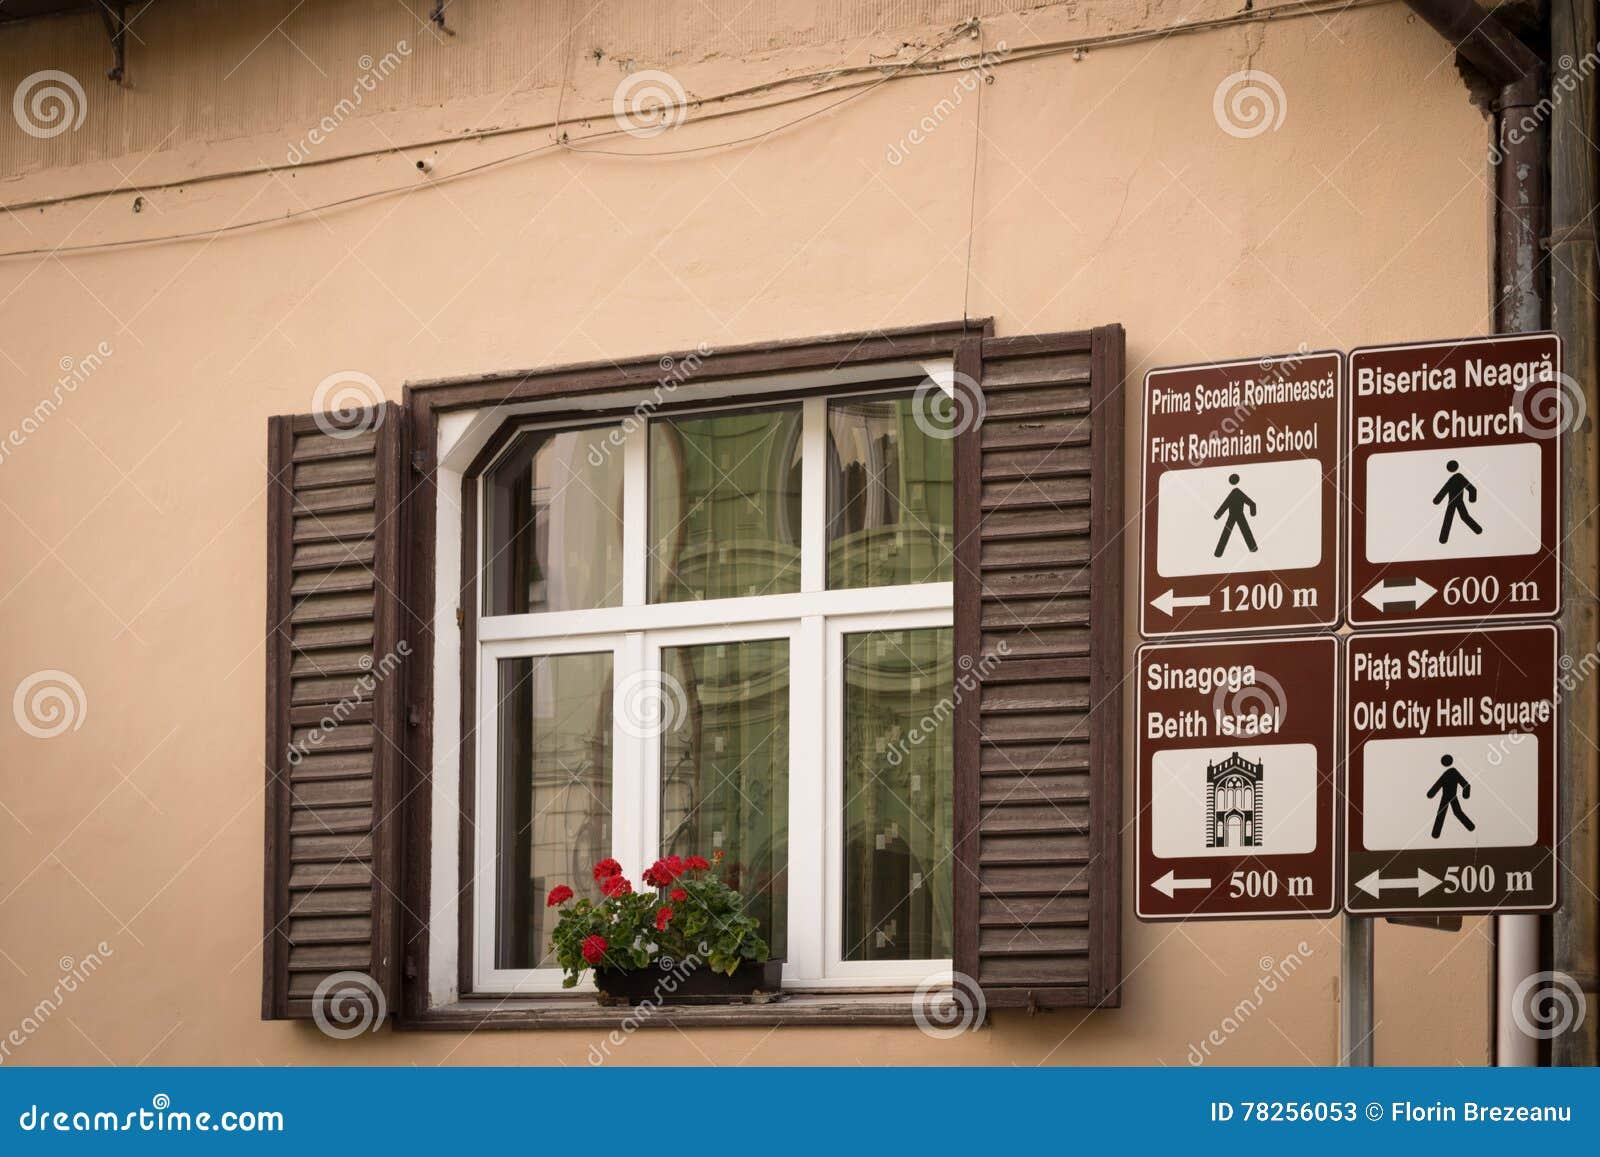 Τουριστική πληροφοριακή επιτροπή Brasov, Τρανσυλβανία, Ρουμανία, Ευρώπη